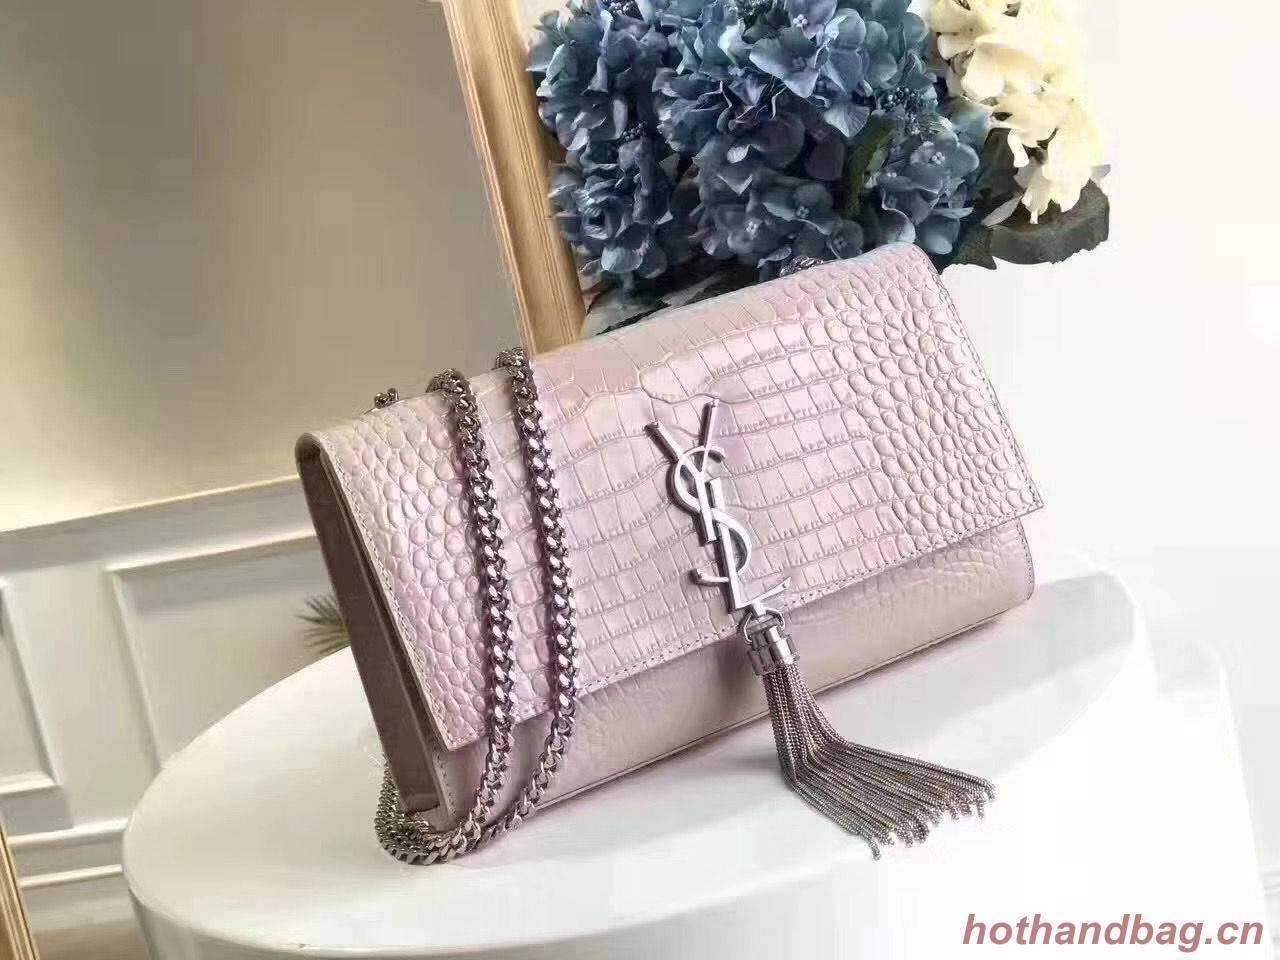 Yves Saint Laurent Crocodile Original Leather Shoulder Bag 1456 Pink&Silver